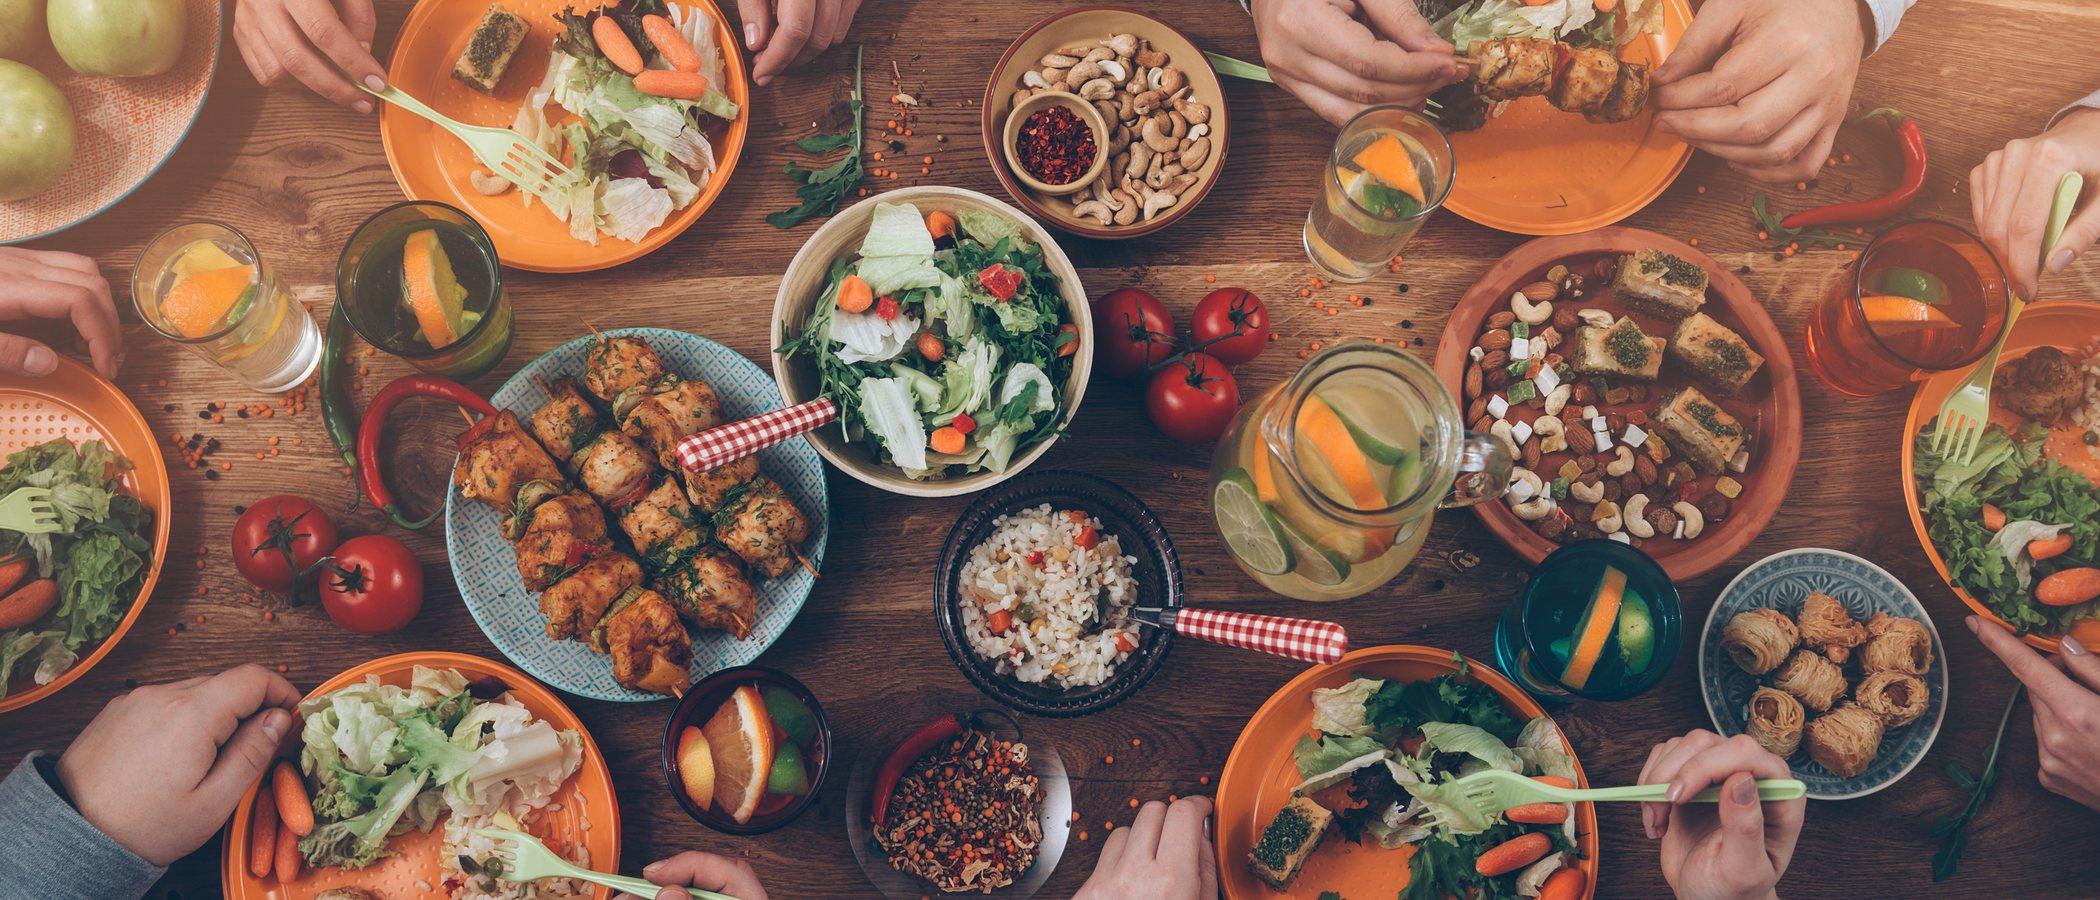 Horóscopo de la comida: la alimentación que mejor te sienta según tu signo del Zodiaco